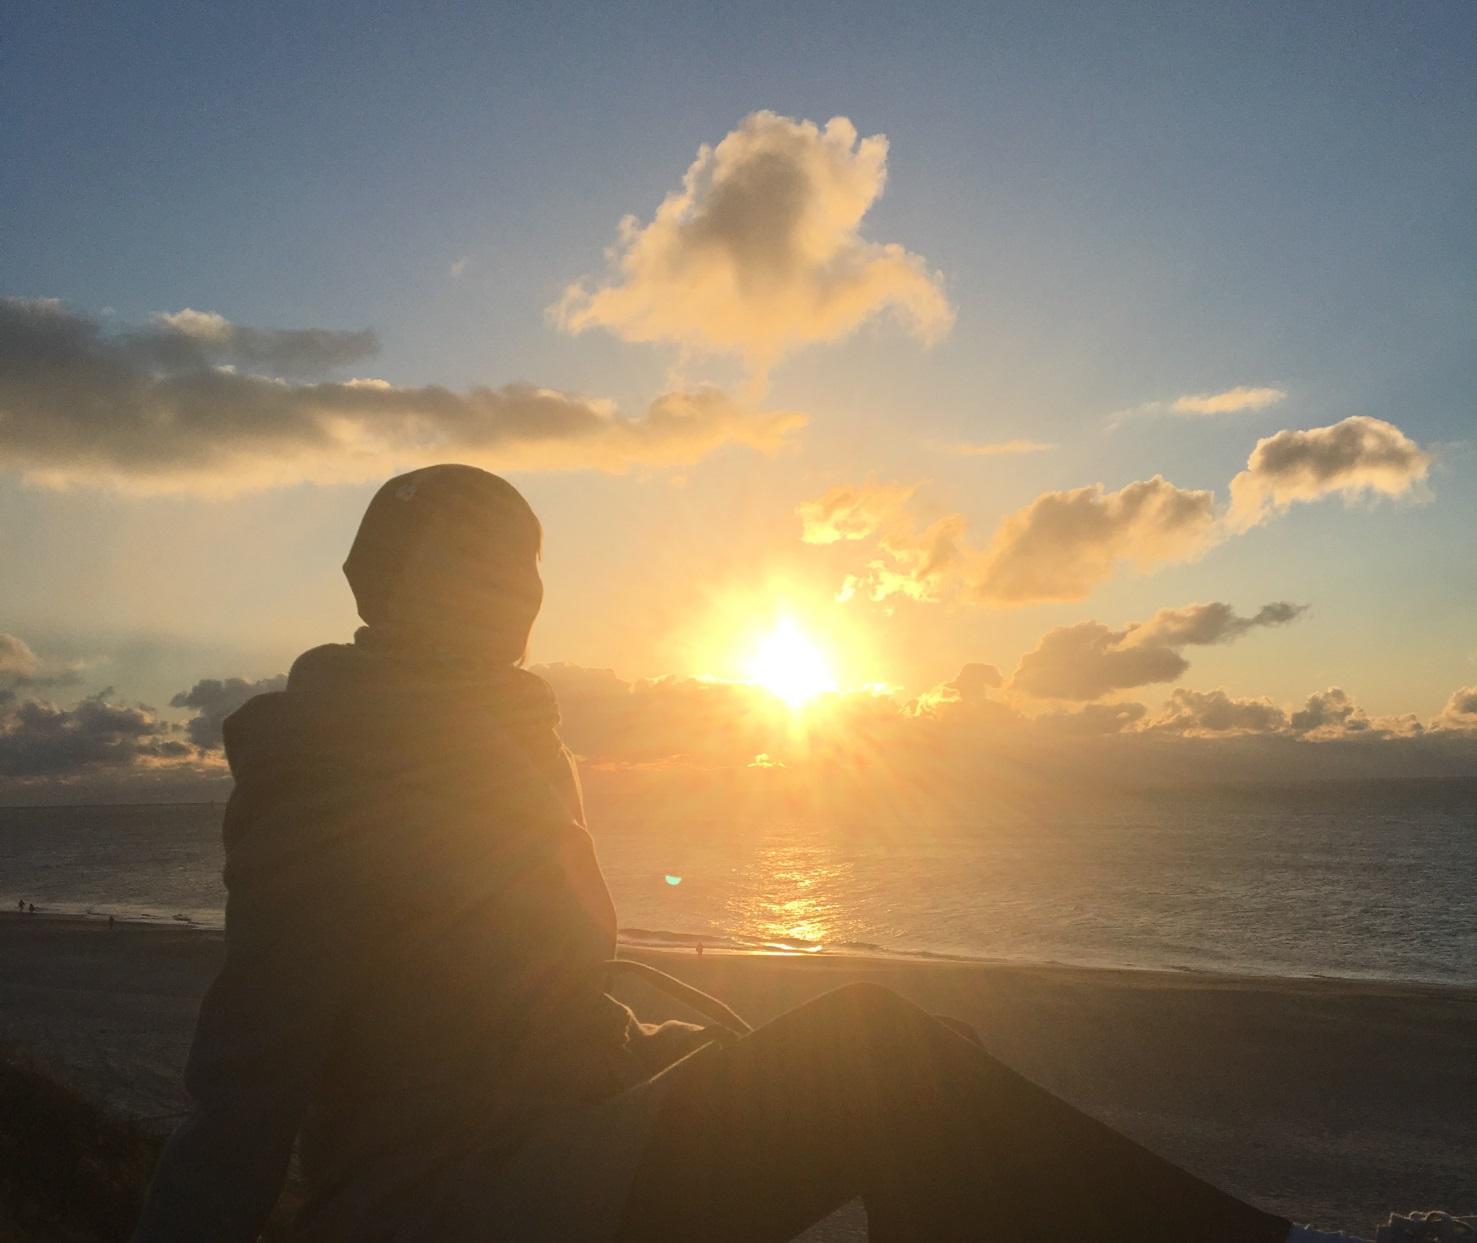 Sonnenuntergang über der Nordsee sylt westerland